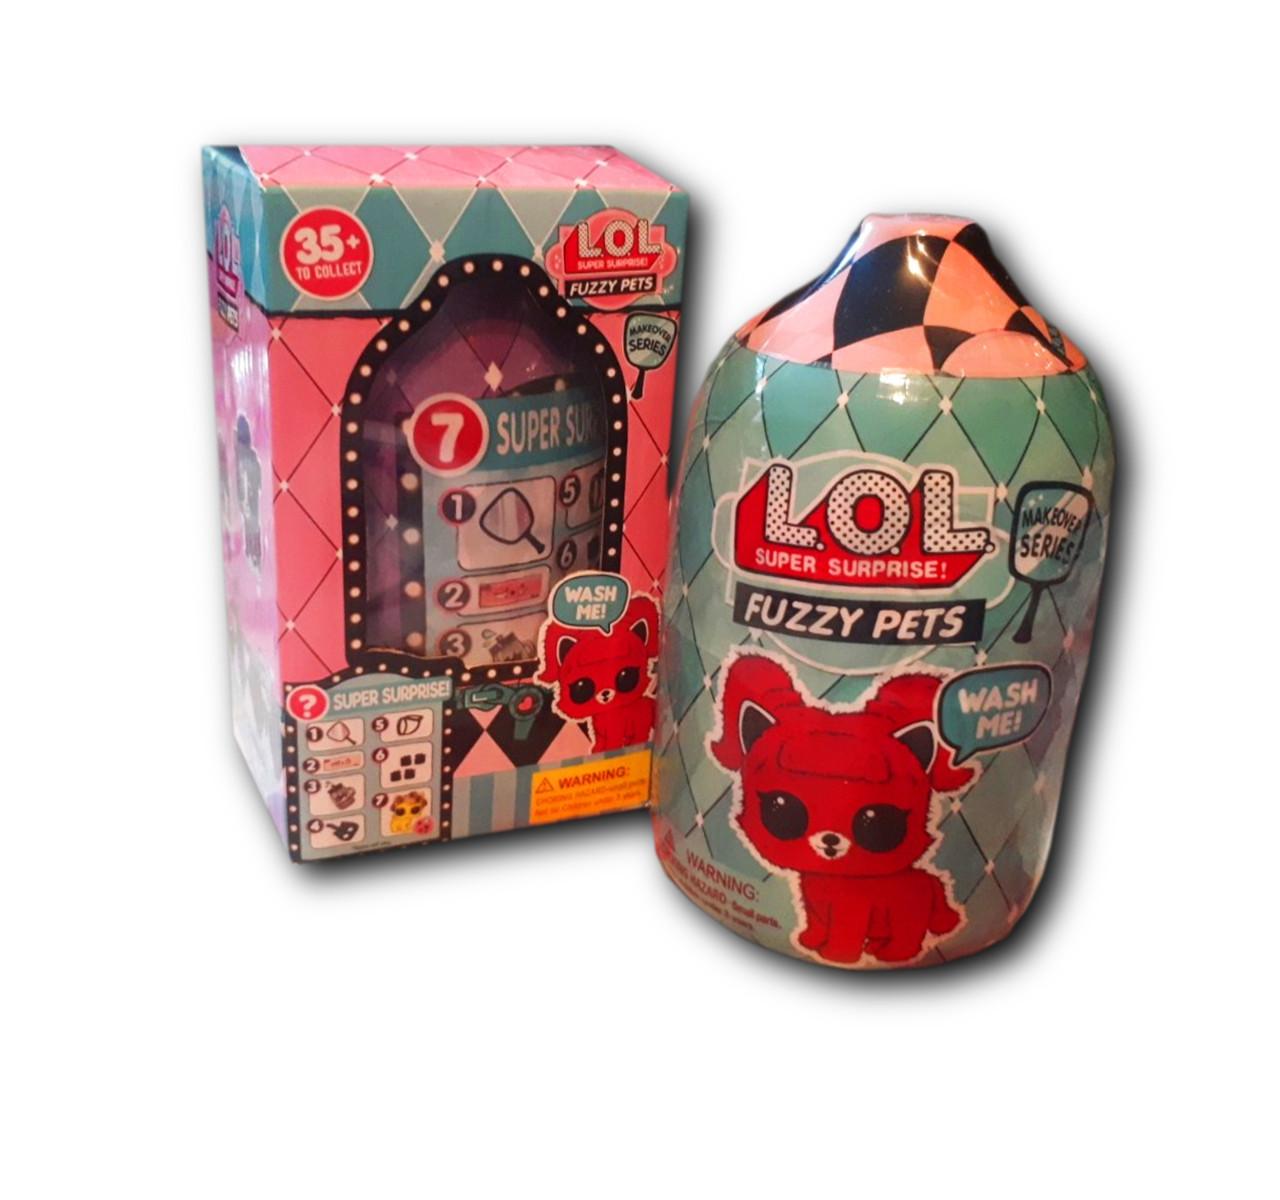 Кукла Fuzzy Pets новая серия/ Кукла ЛОЛ питомец